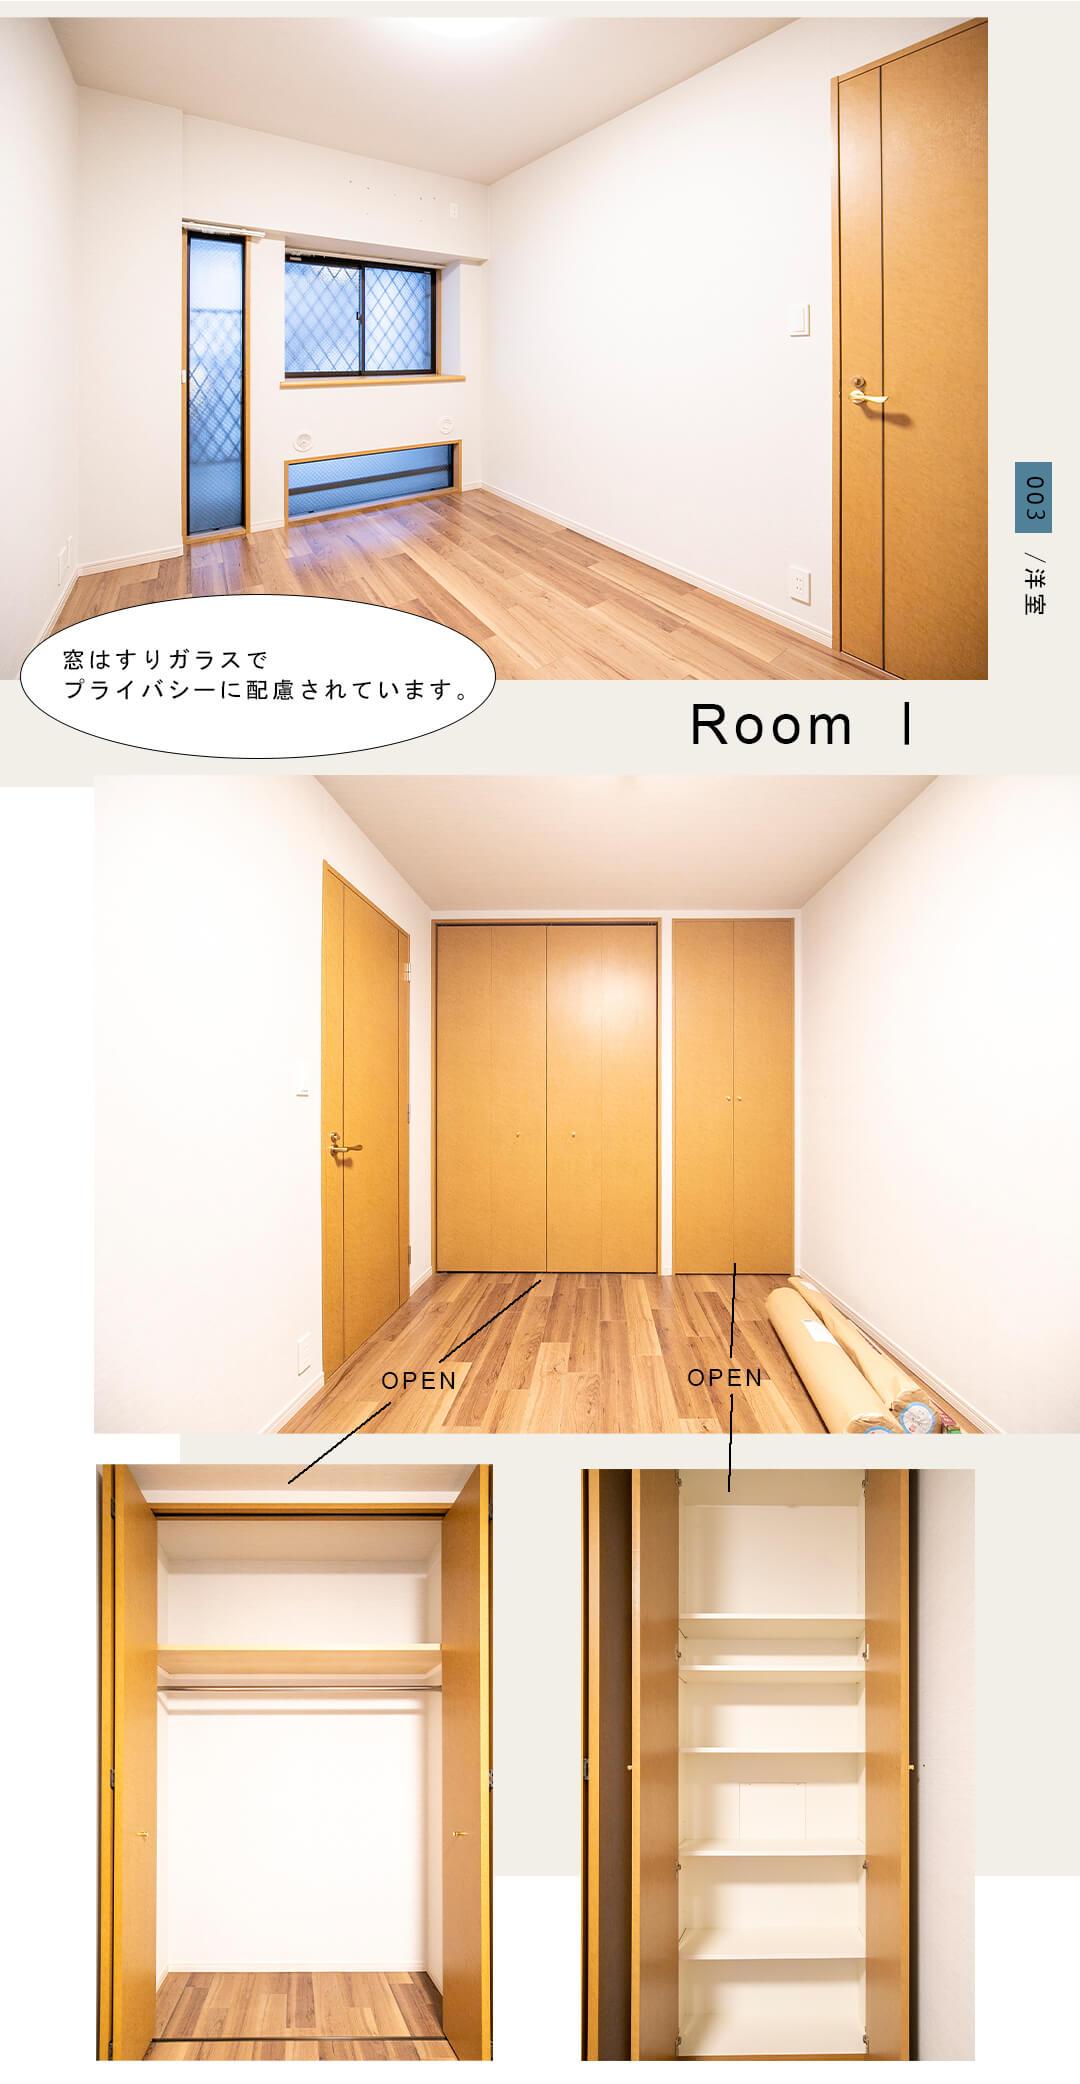 003洋室Ⅰ,Rooom Ⅰ